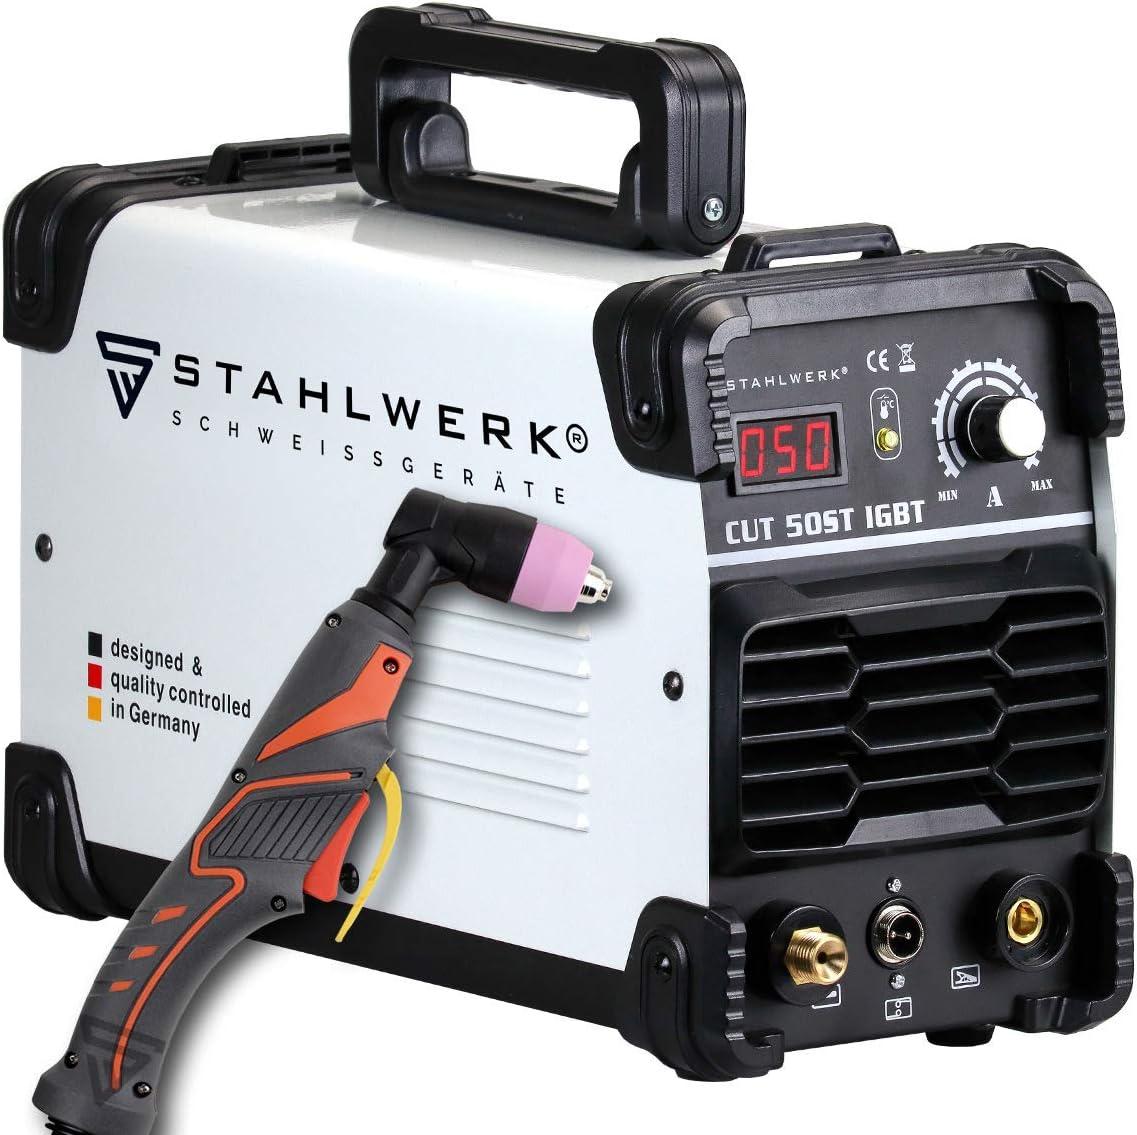 STAHLWERK CUT 50 ST IGBT de 50 Amperios, potencia de corte de hasta 14mm, adecuada para láminas de metal pintadas y películas oxidadas, 7 años de garantía